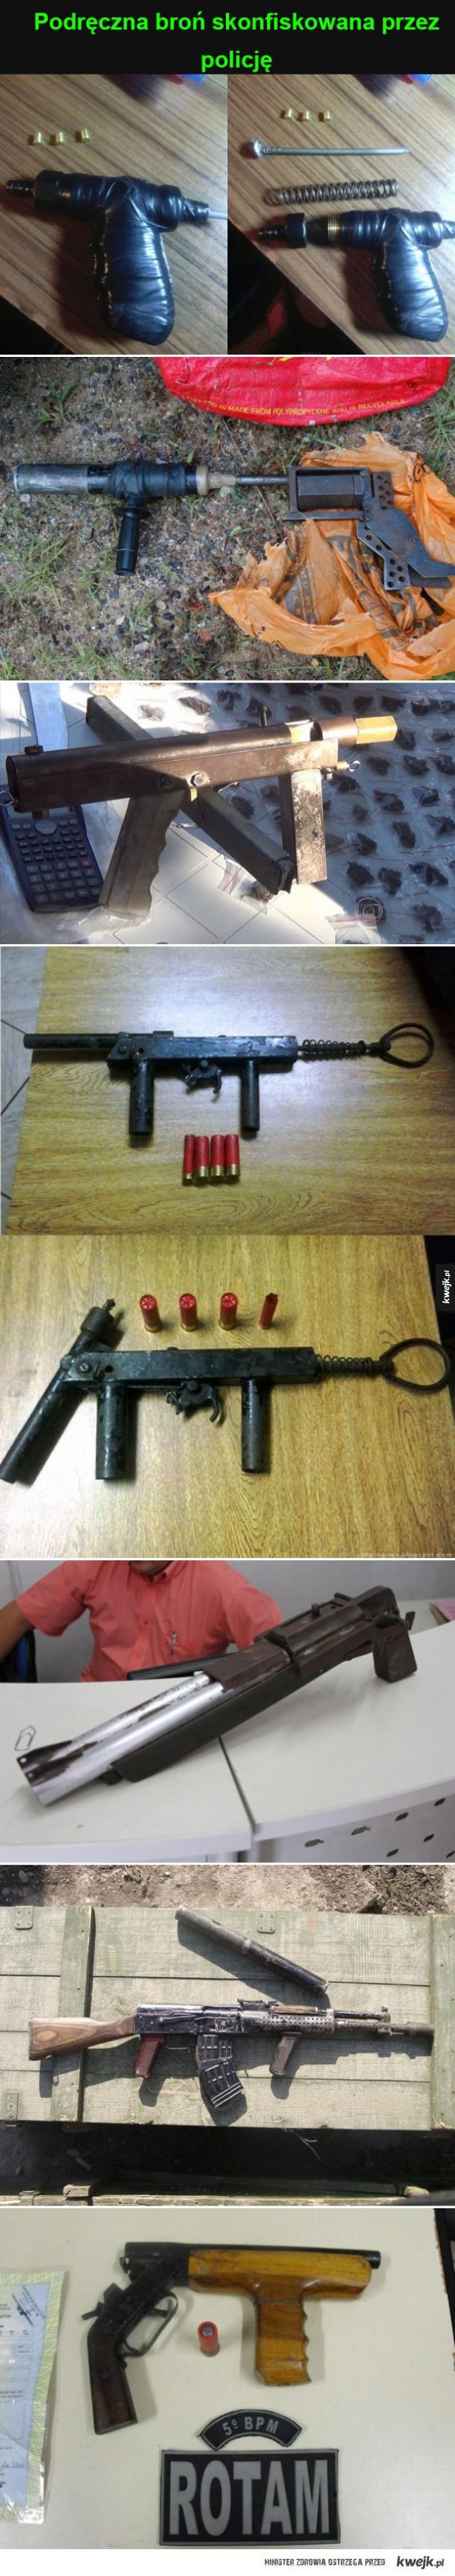 Podręczna broń